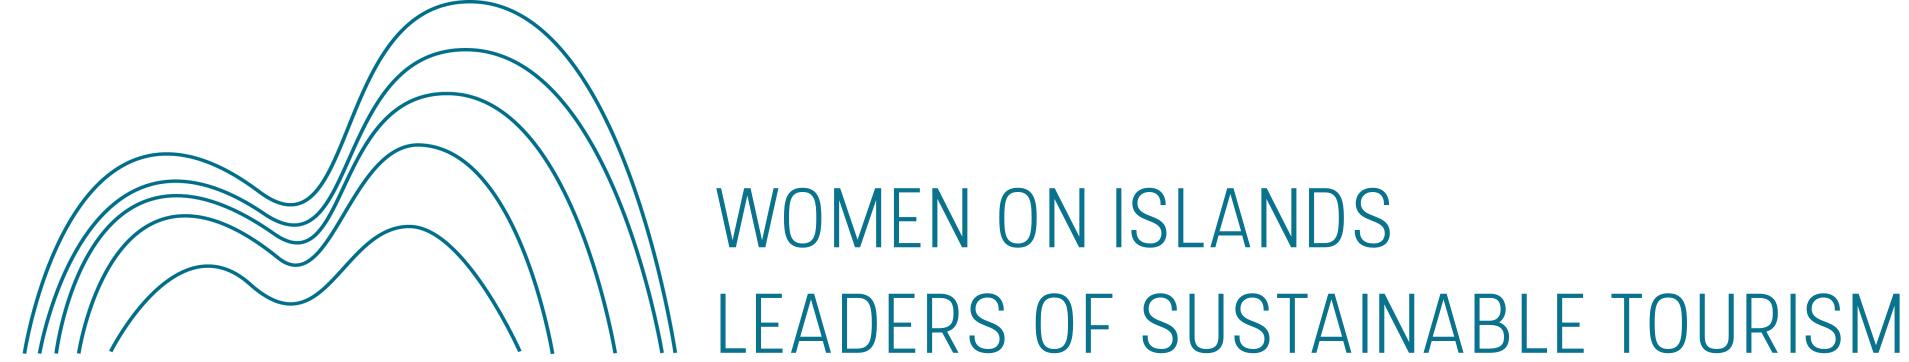 Women on Islands logo